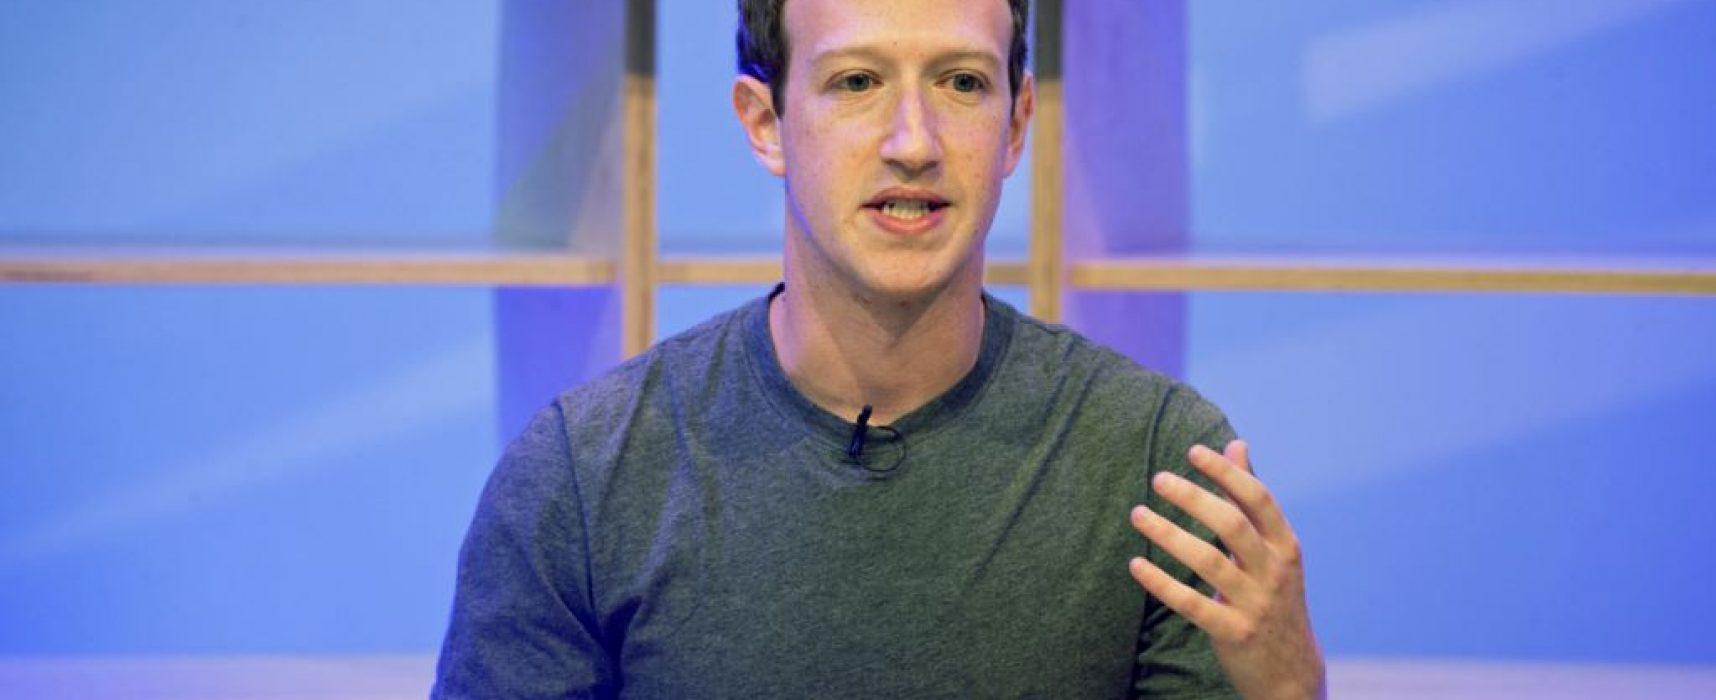 Ново заявление на Зукербърг: Facebook ще остави само надеждни новини в лентата